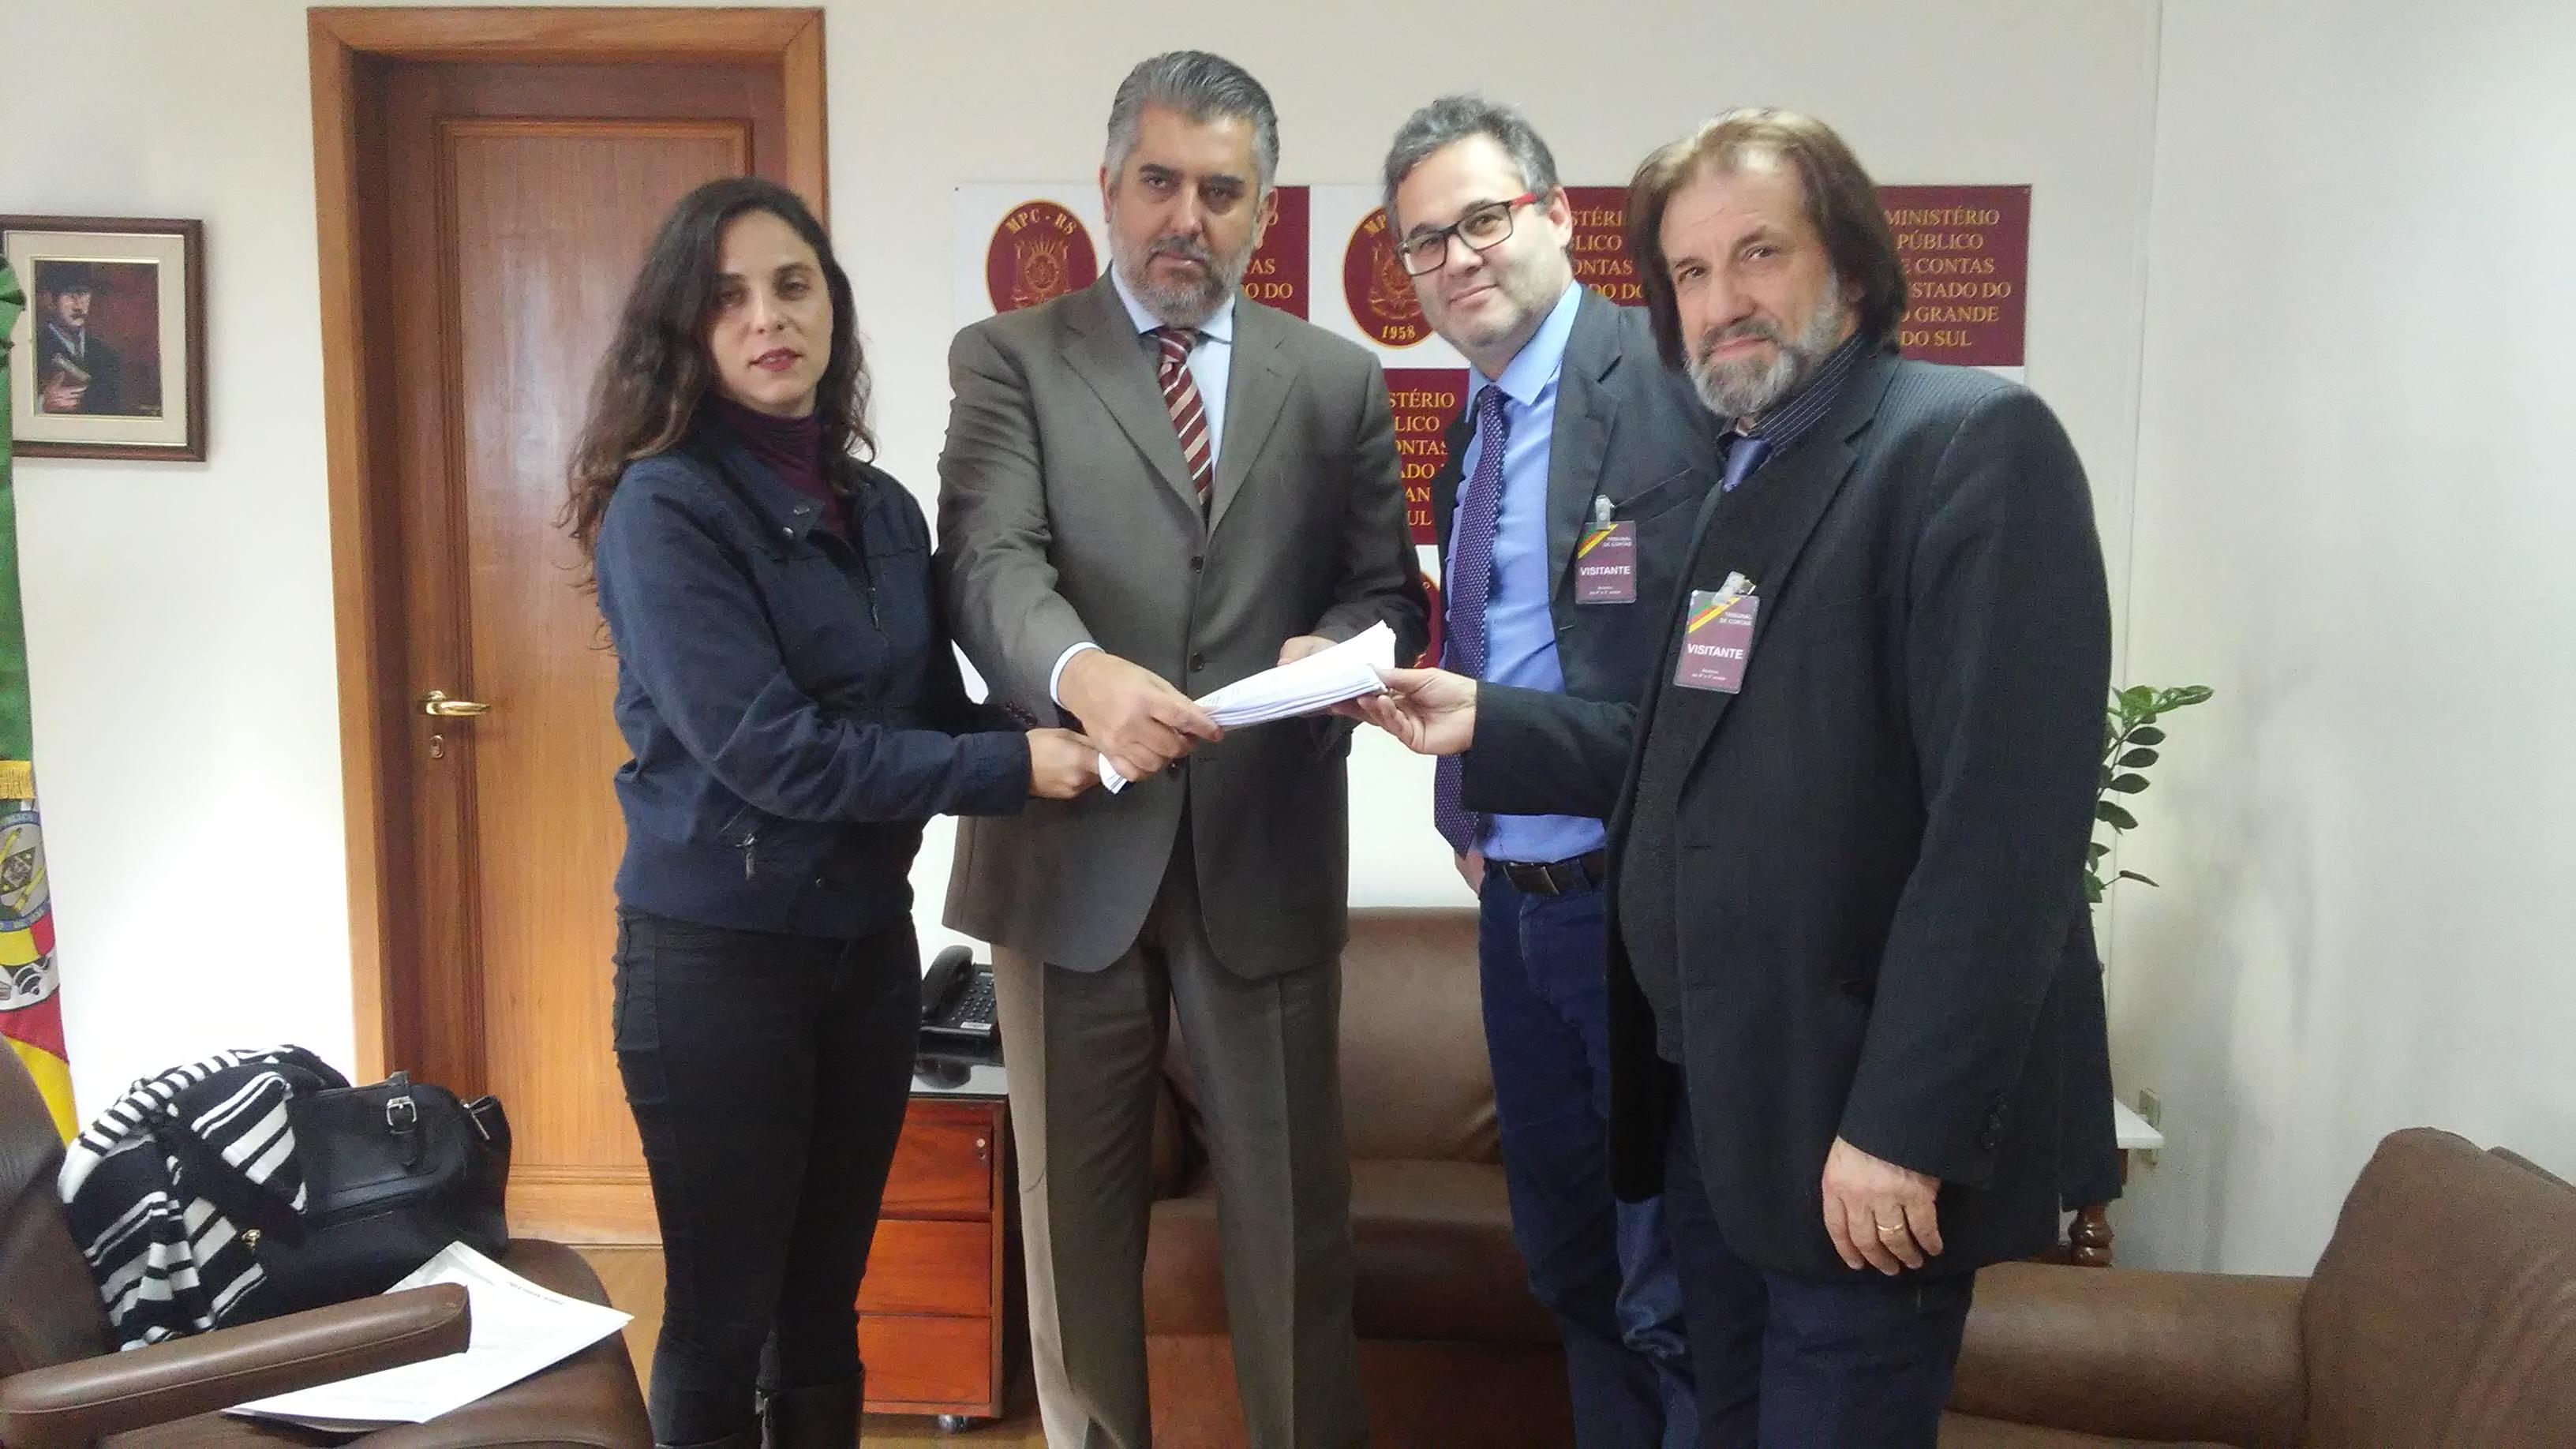 Fernanda e outros 15 vereadores protocolam pedido de inspeção no transporte público de POA